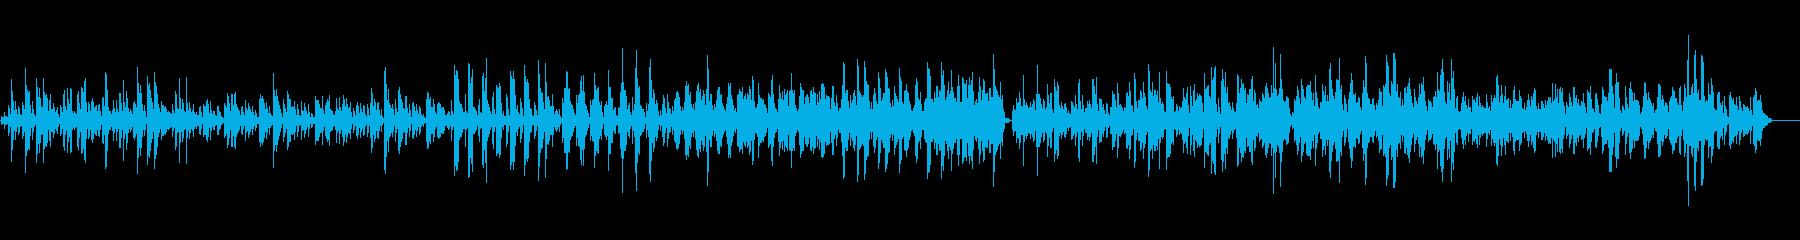 ヴィブラフォンの静かな悲しみに満ちた曲の再生済みの波形